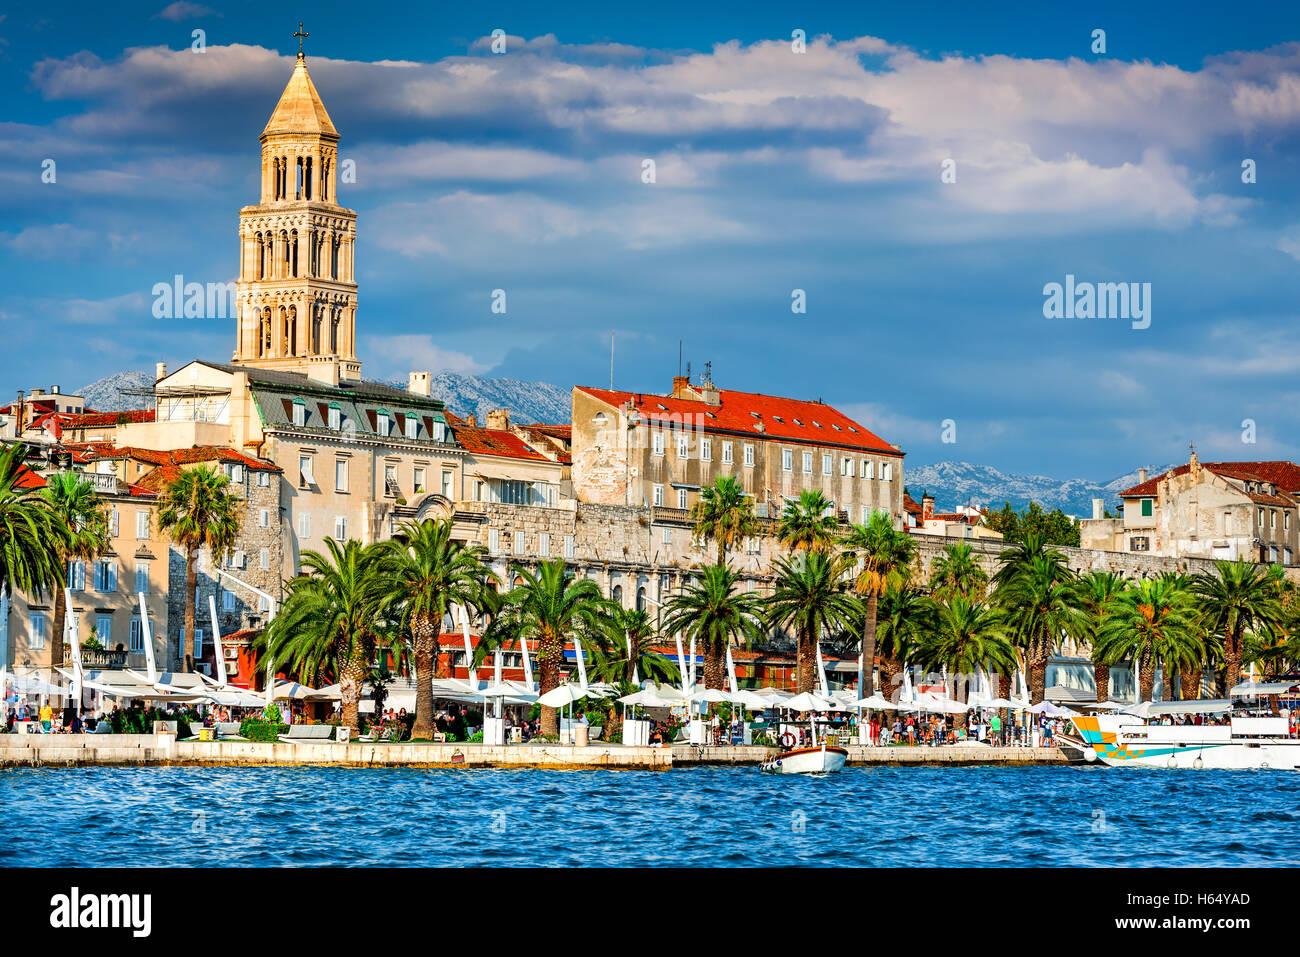 Split, Kroatien. Split, Kroatien (Region Dalmatien). UNESCO-Weltkulturerbe. Diokletianspalast und Mosor Berge. Stockbild